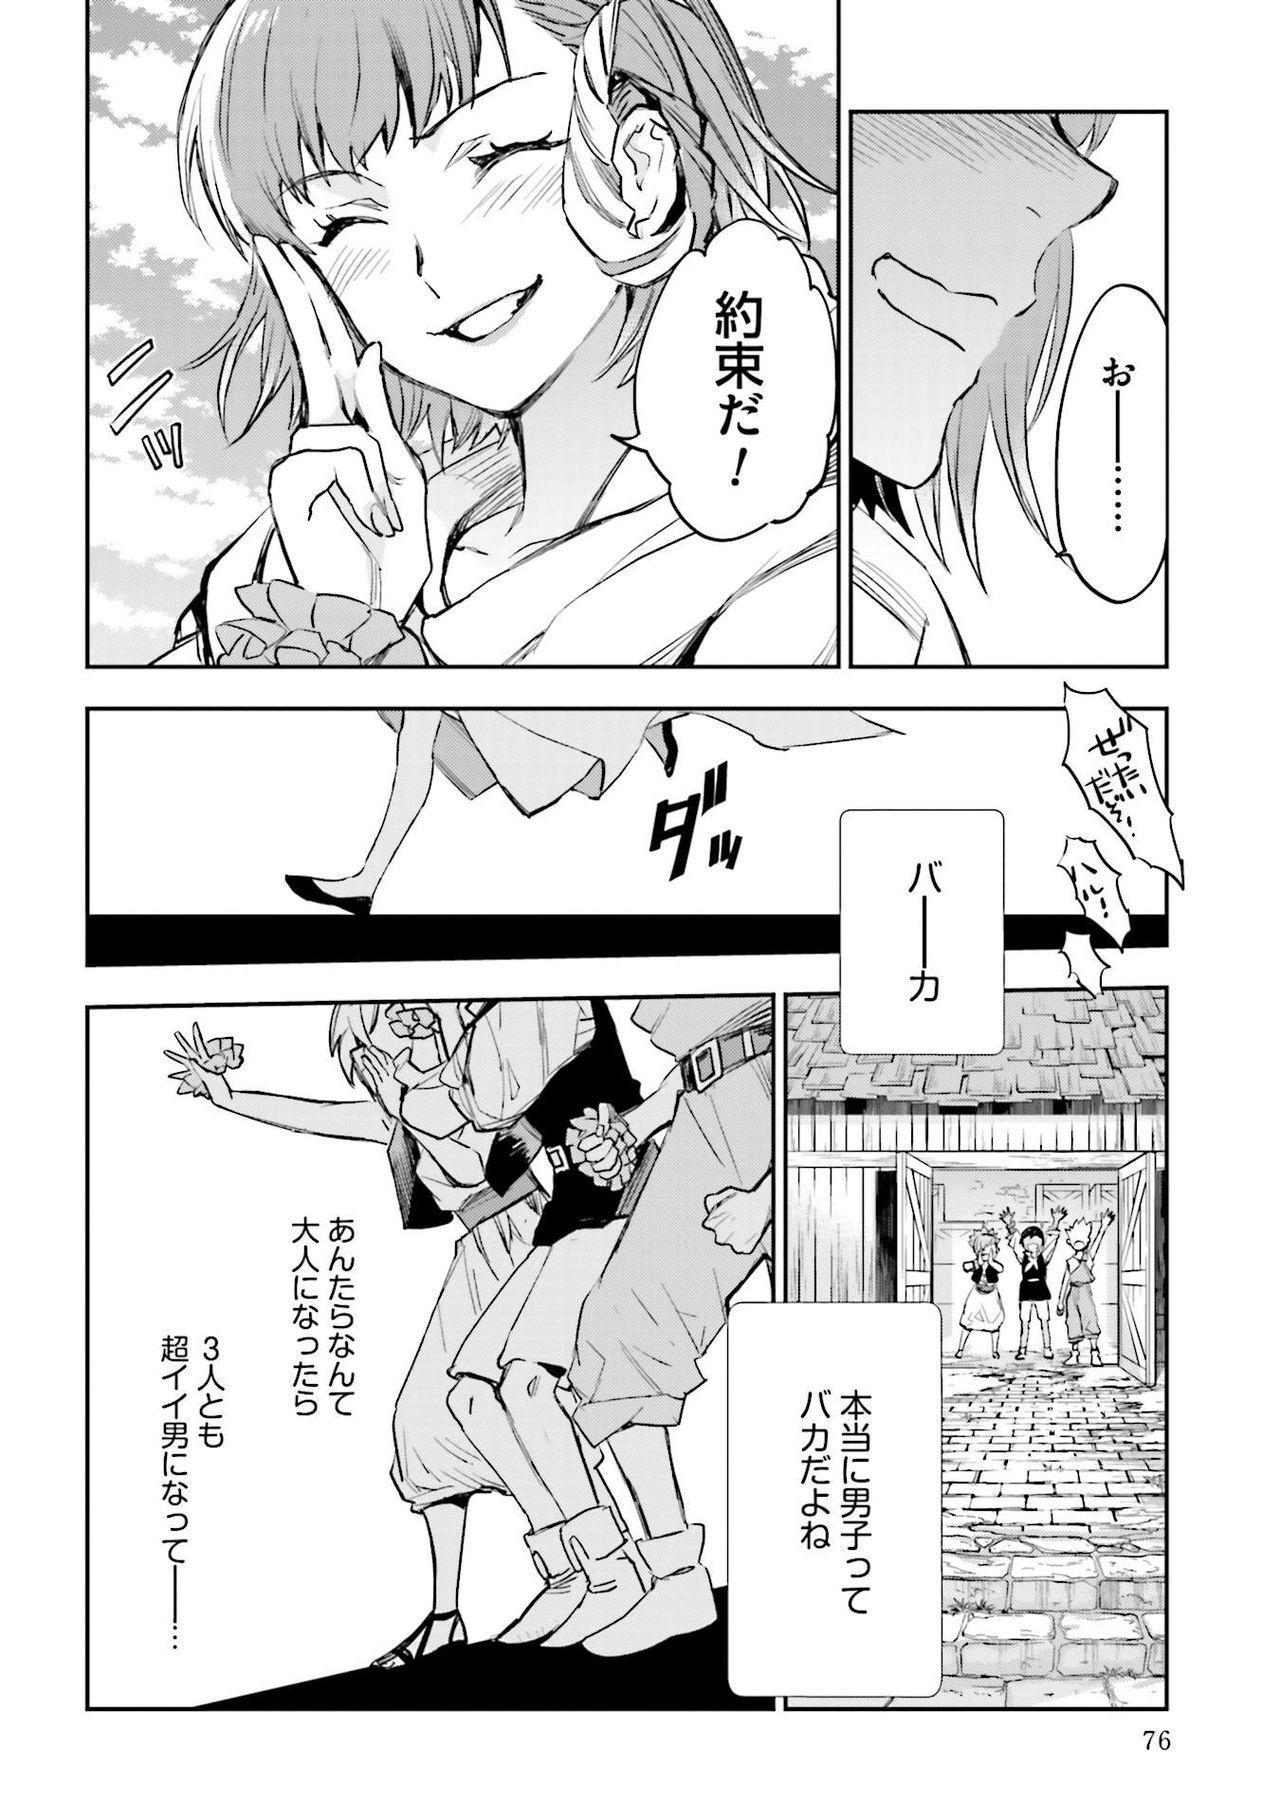 JK Haru wa Isekai de Shoufu ni Natta 1-14 435